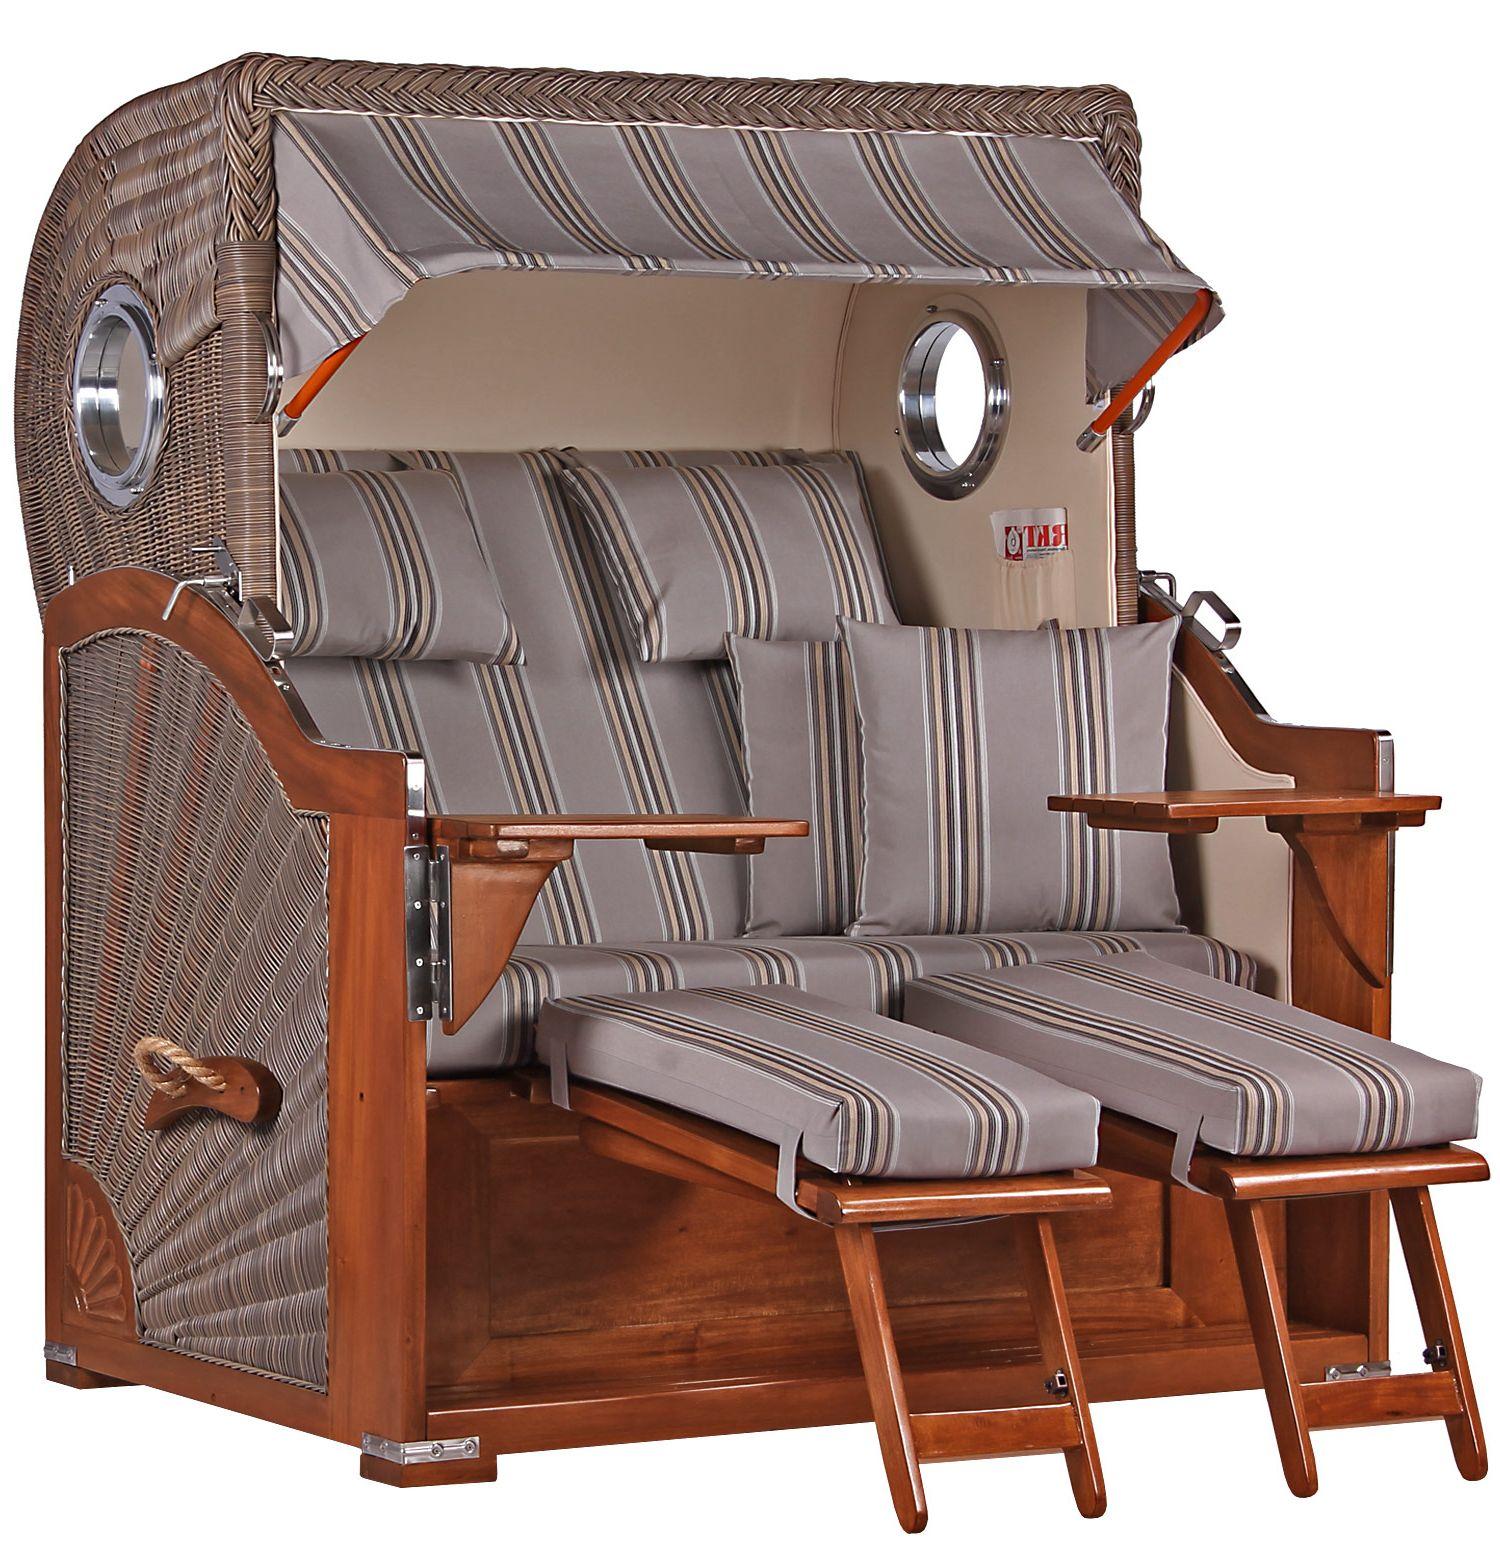 2 5 sitzer xxl strandk rbe stoffe h lzer gefelcht. Black Bedroom Furniture Sets. Home Design Ideas